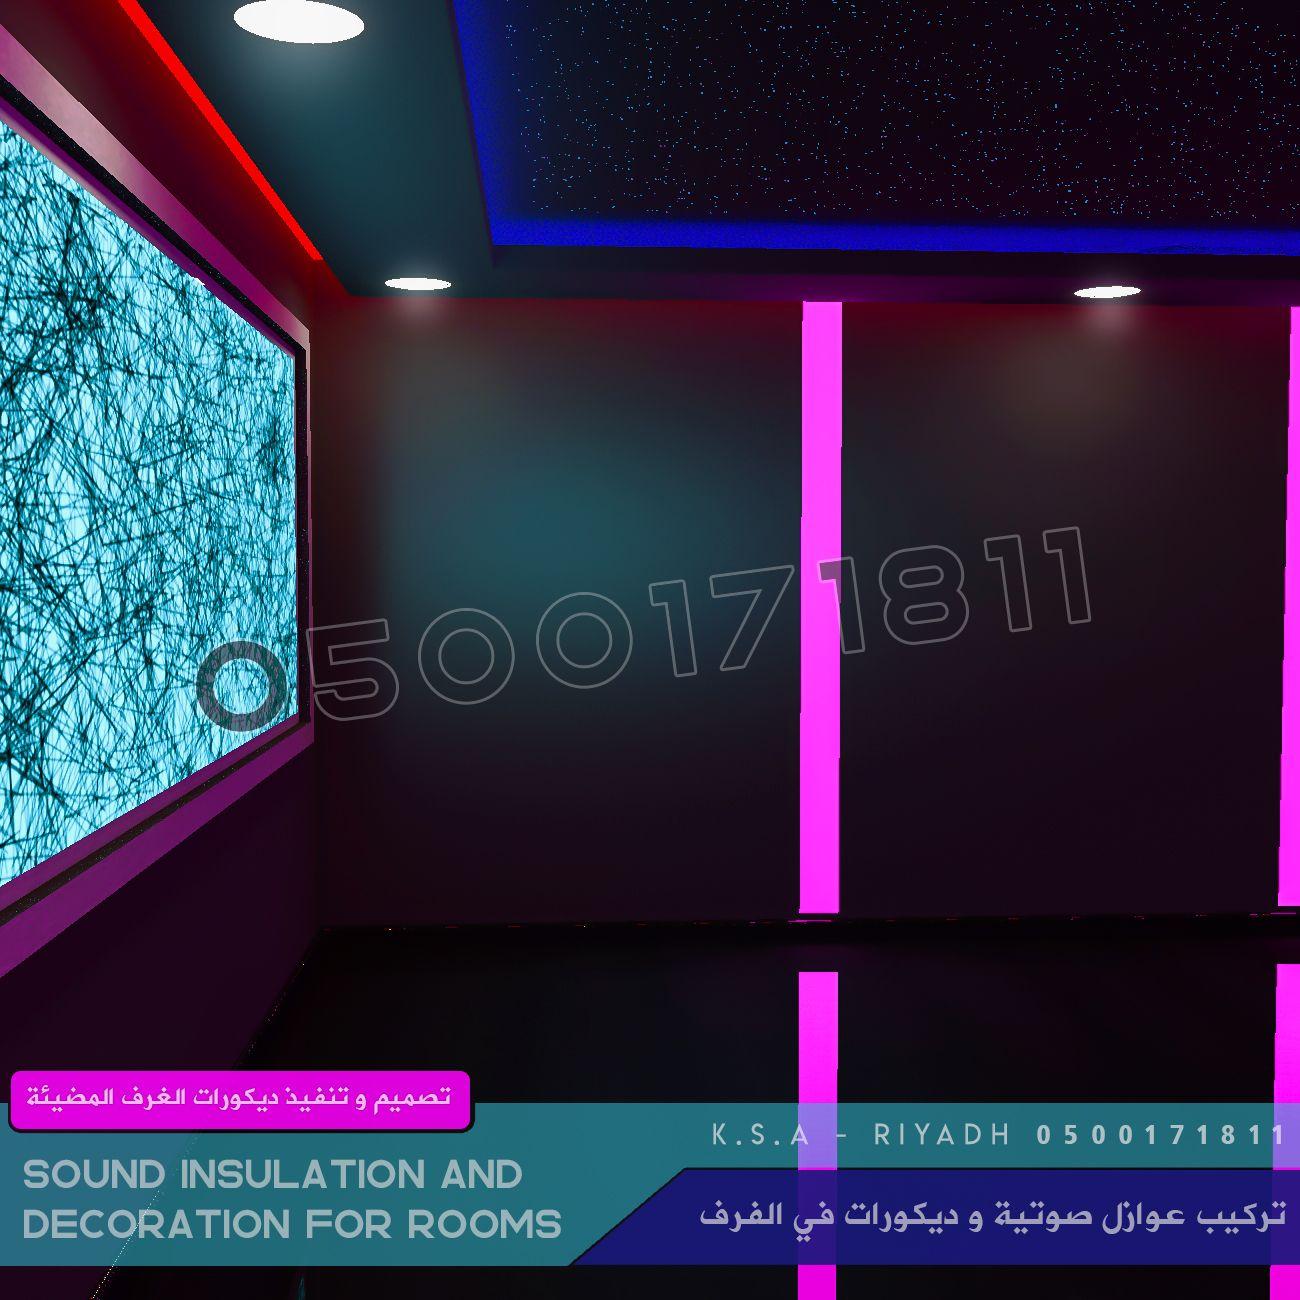 عوازل صوتية و ديكورات في الرياض Sound Insulation Room Decor